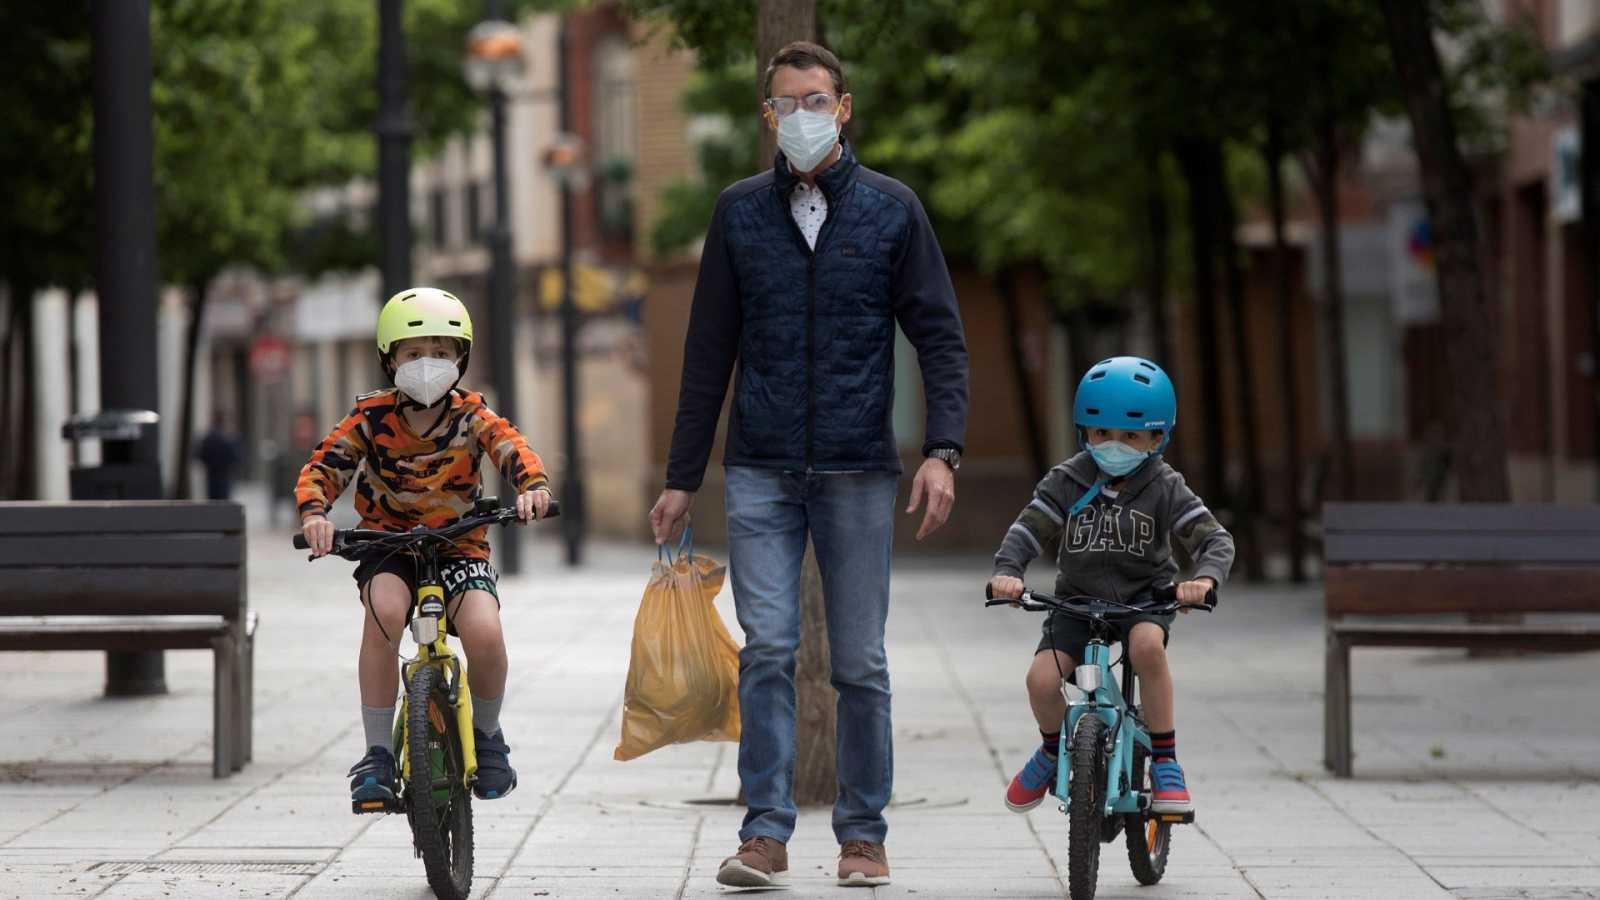 Sanidad anuncia el plan de franjas horarias para las salidas para niños, mayores y actividades deportivas